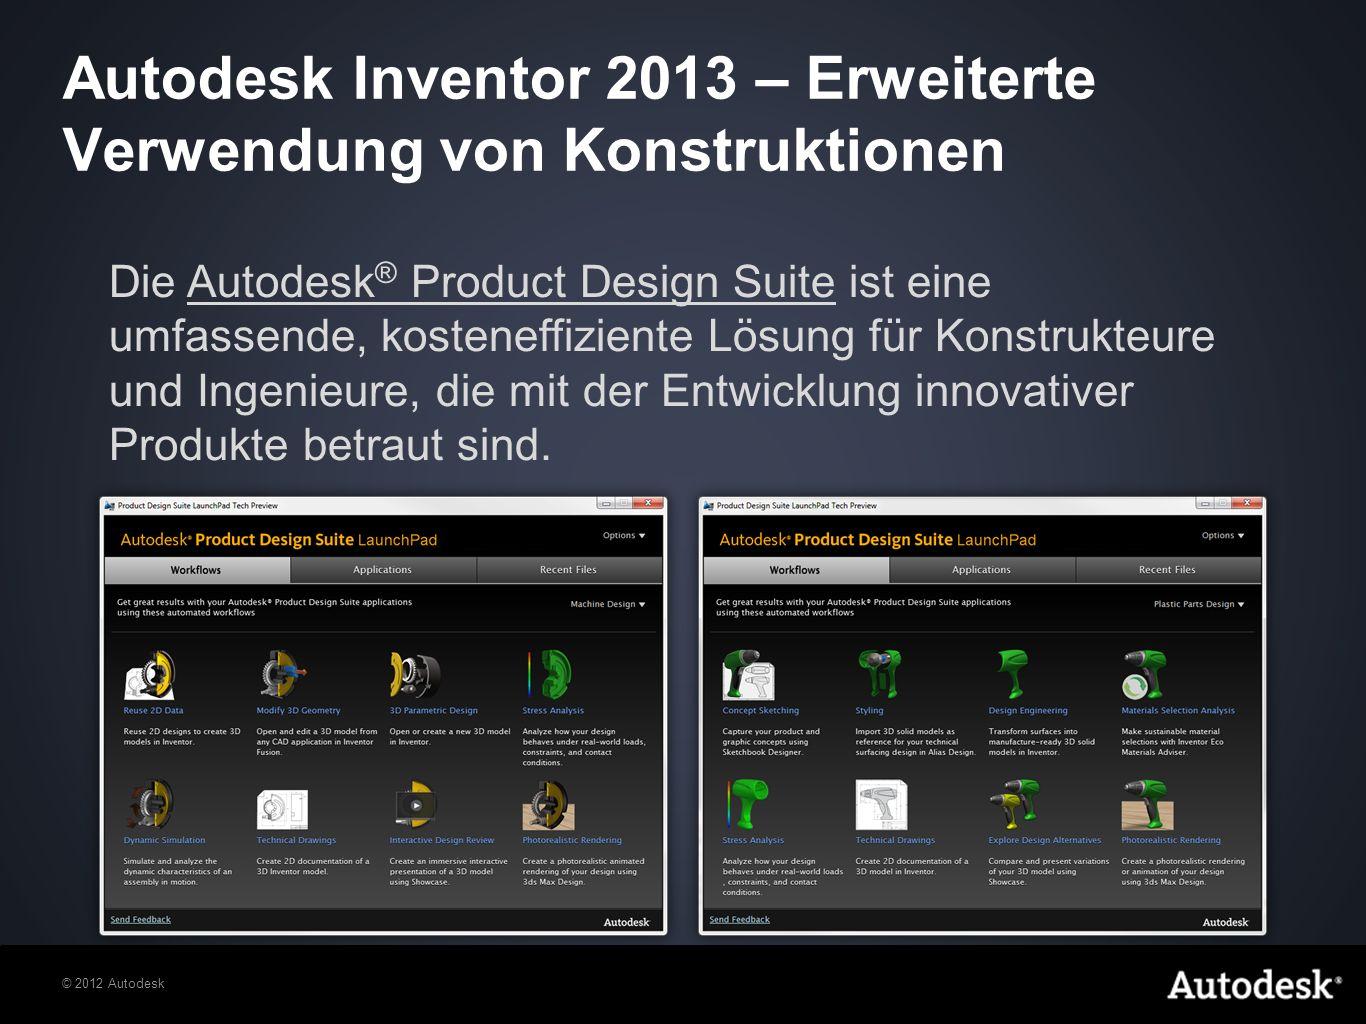 Autodesk Inventor 2013 – Erweiterte Verwendung von Konstruktionen